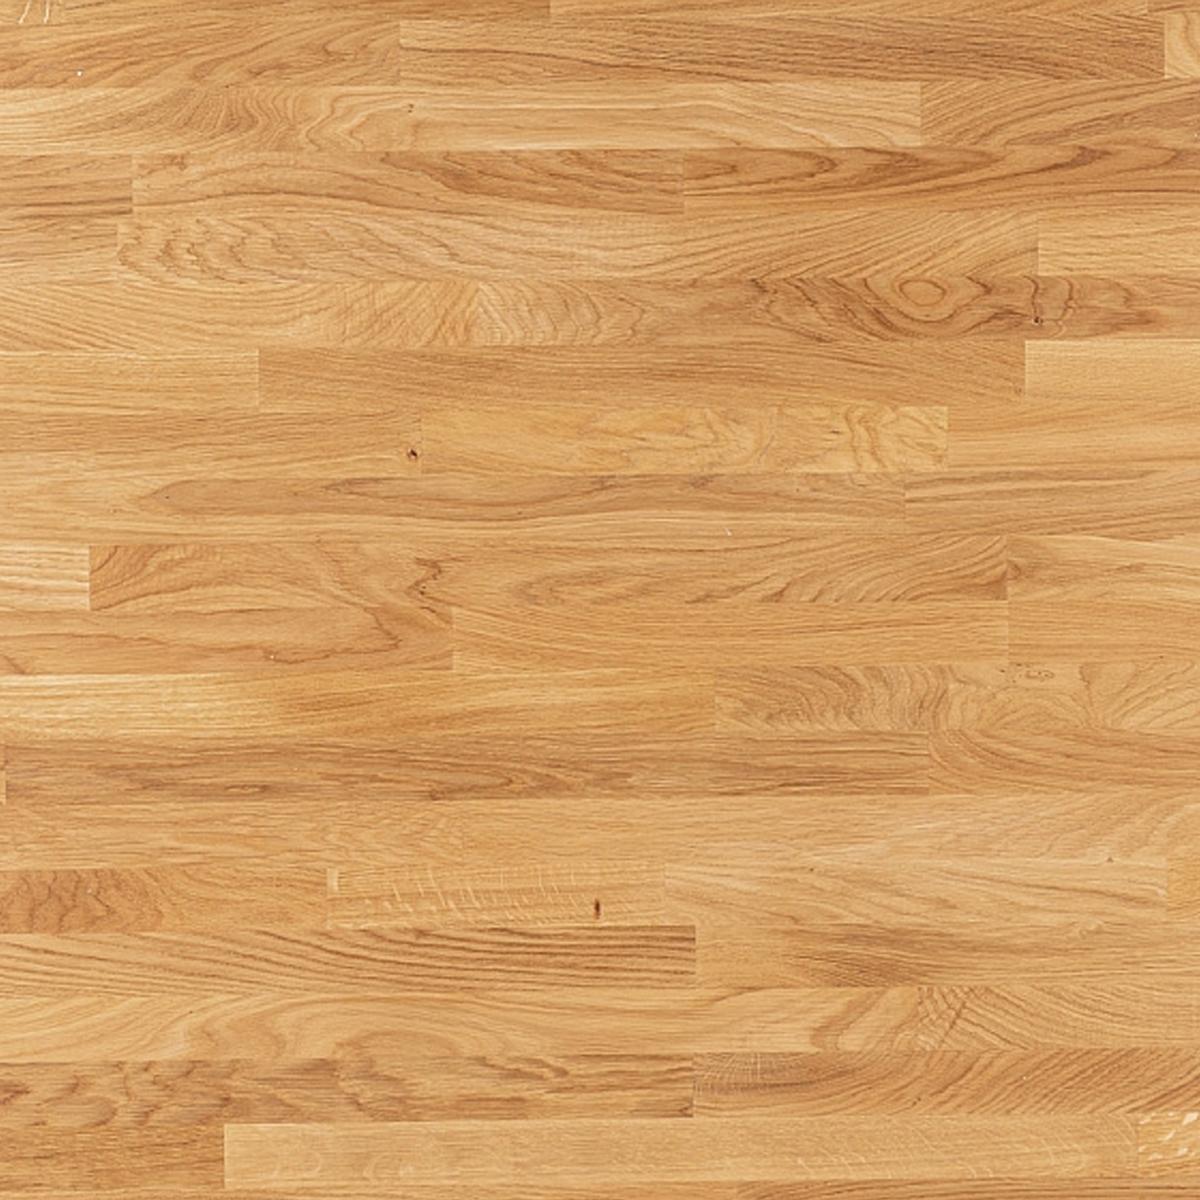 Esstisch Massivholz Cesano